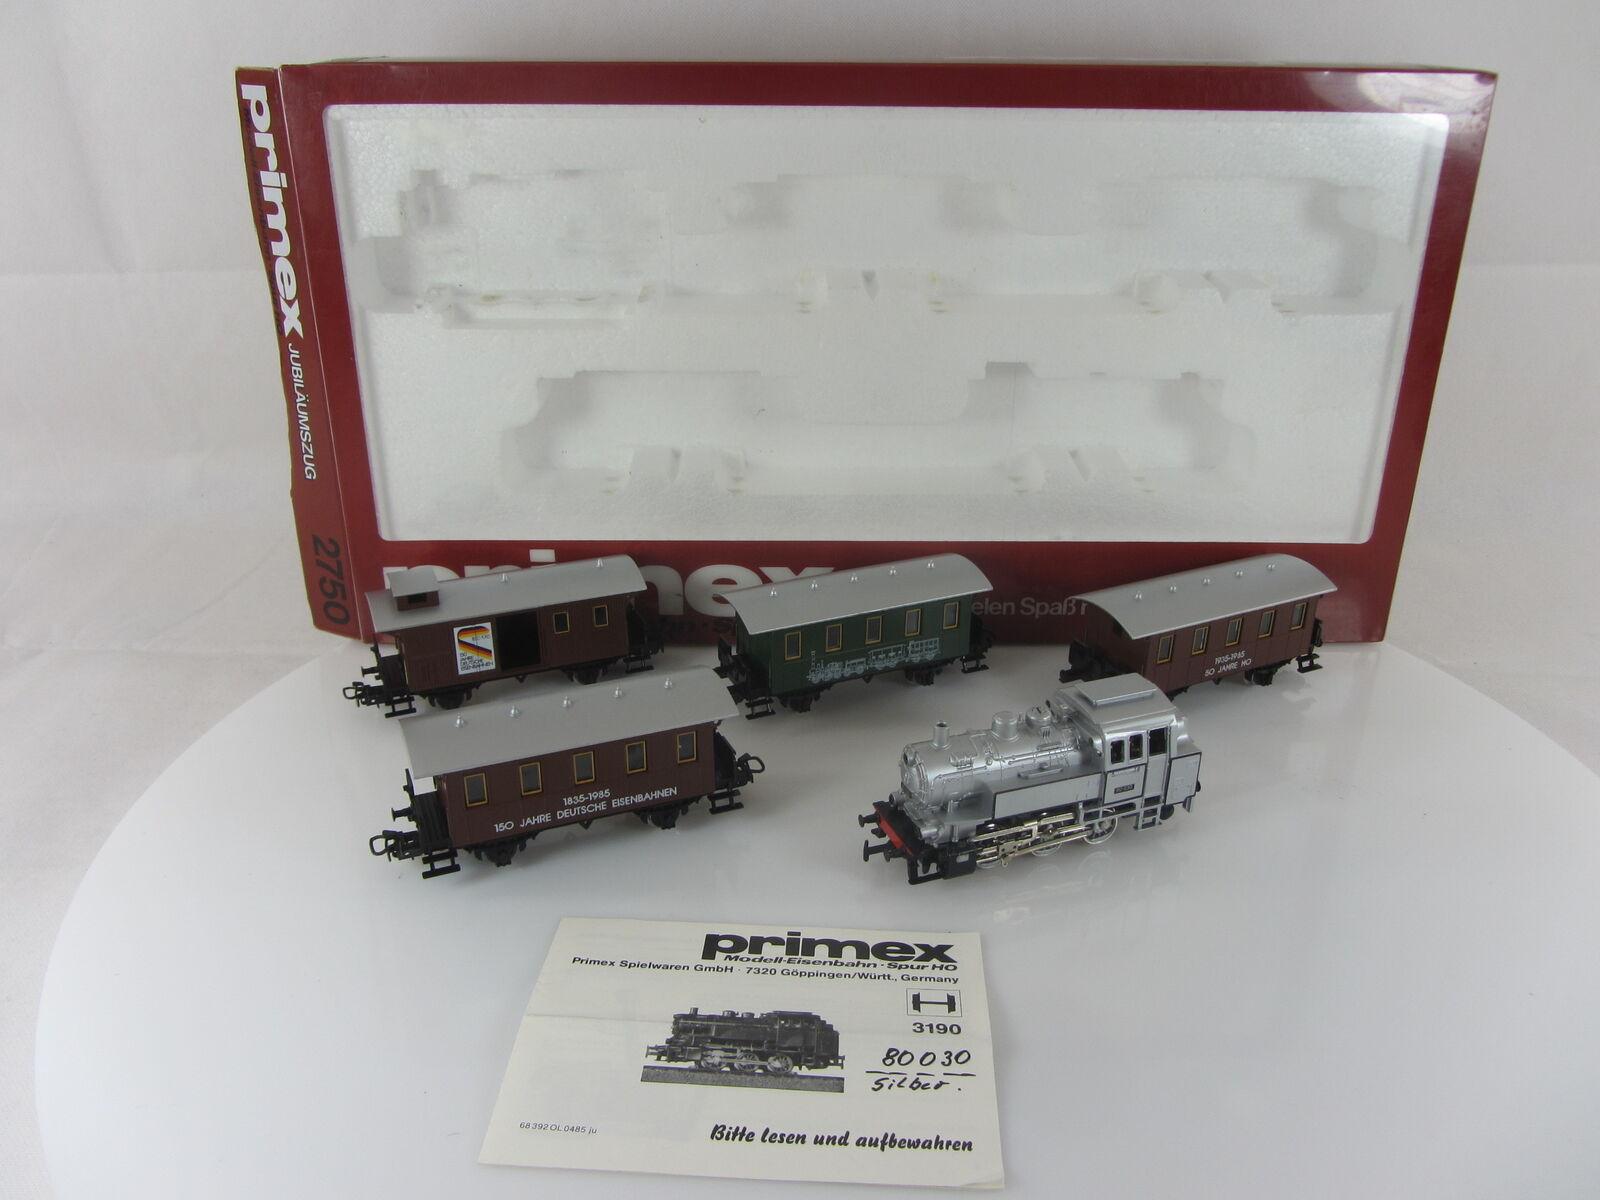 Primex 2750 jubiläumszug de pasajeros rce con máquina de vapor buen formaci en su caja original